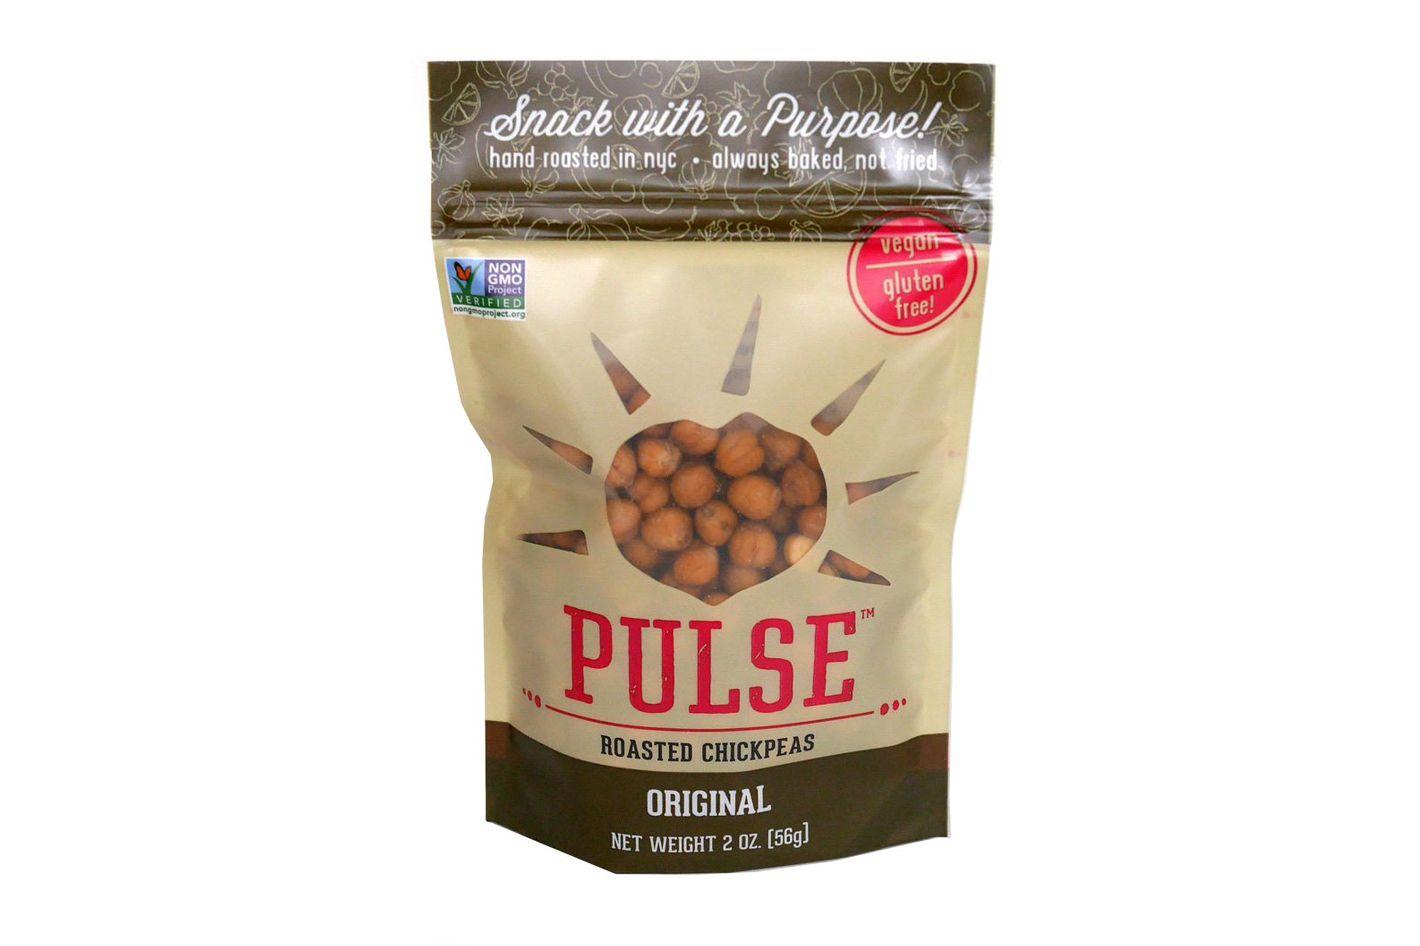 Pulse's Roasted Chickpeas